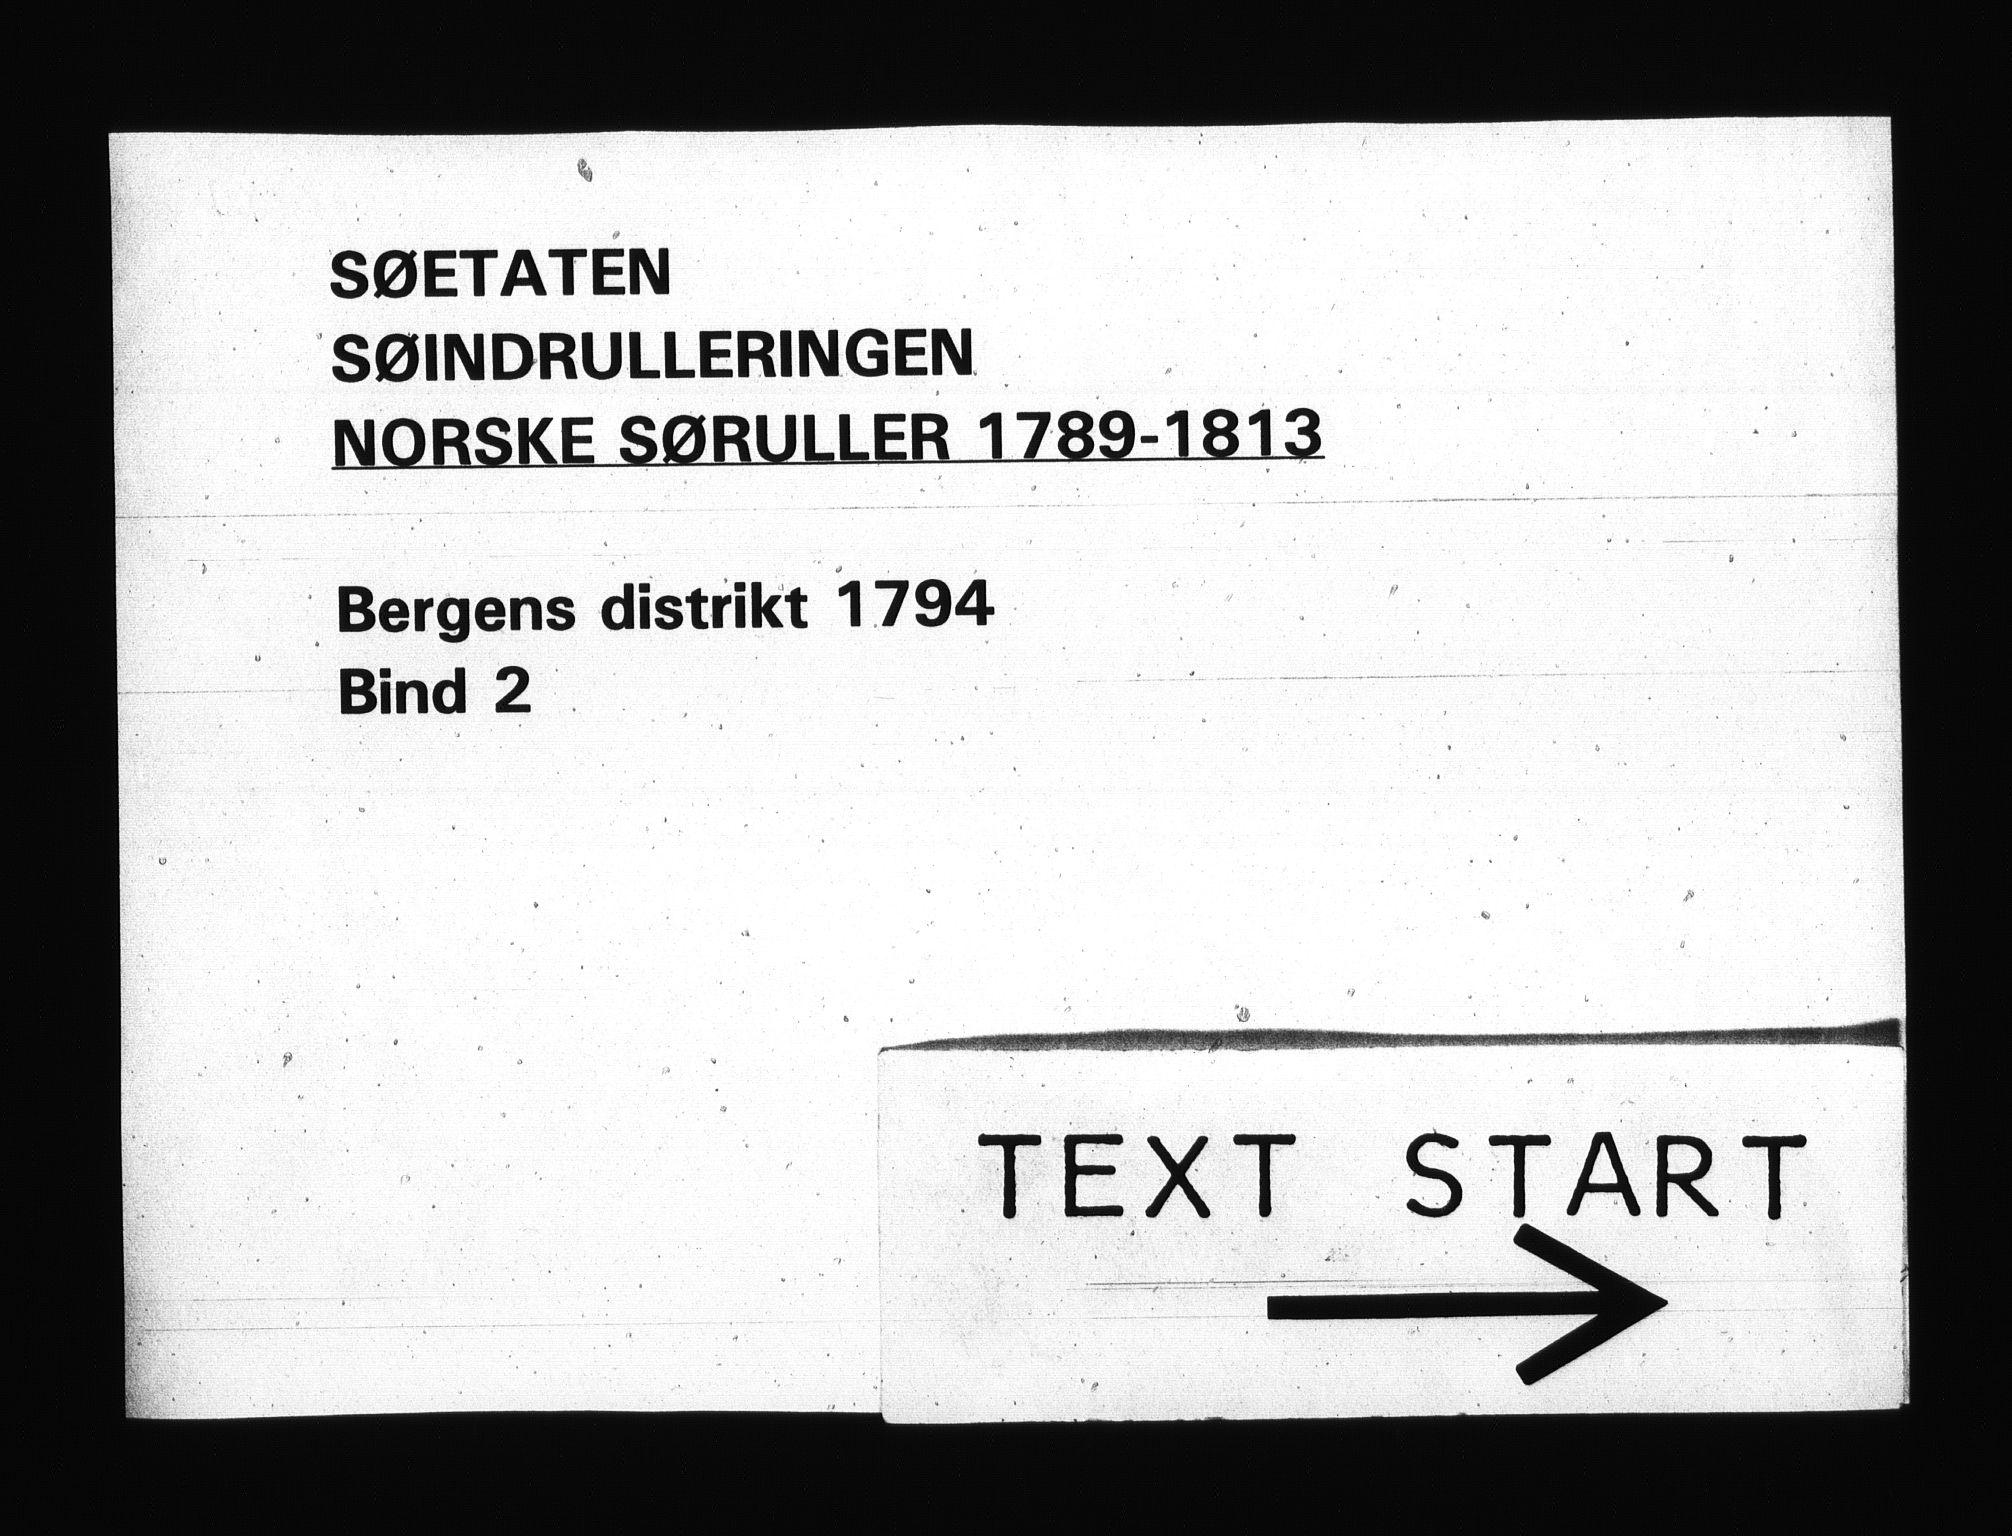 RA, Sjøetaten, F/L0219: Bergen distrikt, bind 2, 1794